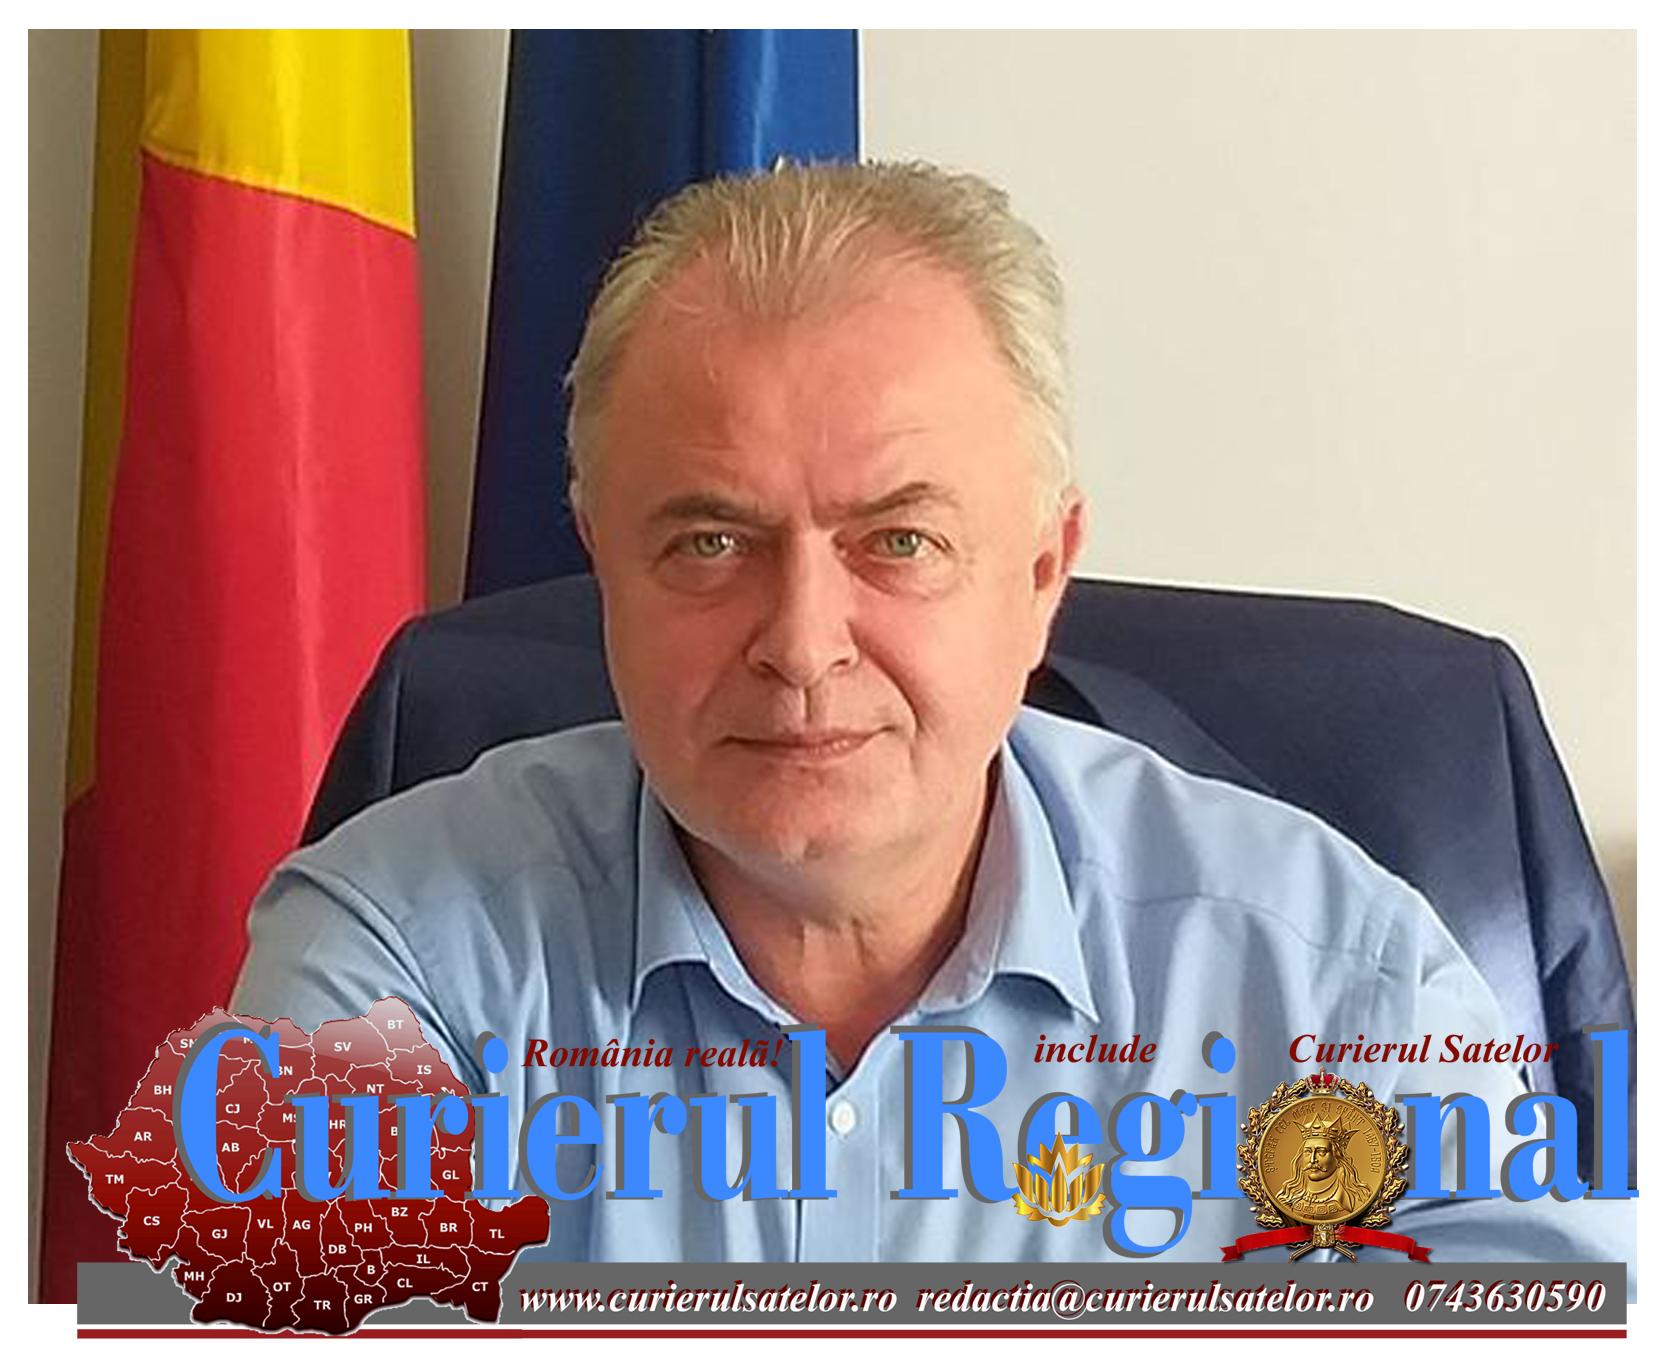 Botoșaniul se dezvoltă fără piedici politice. Edilul anunță întreprinderi sociale de 13,87 mil lei 26